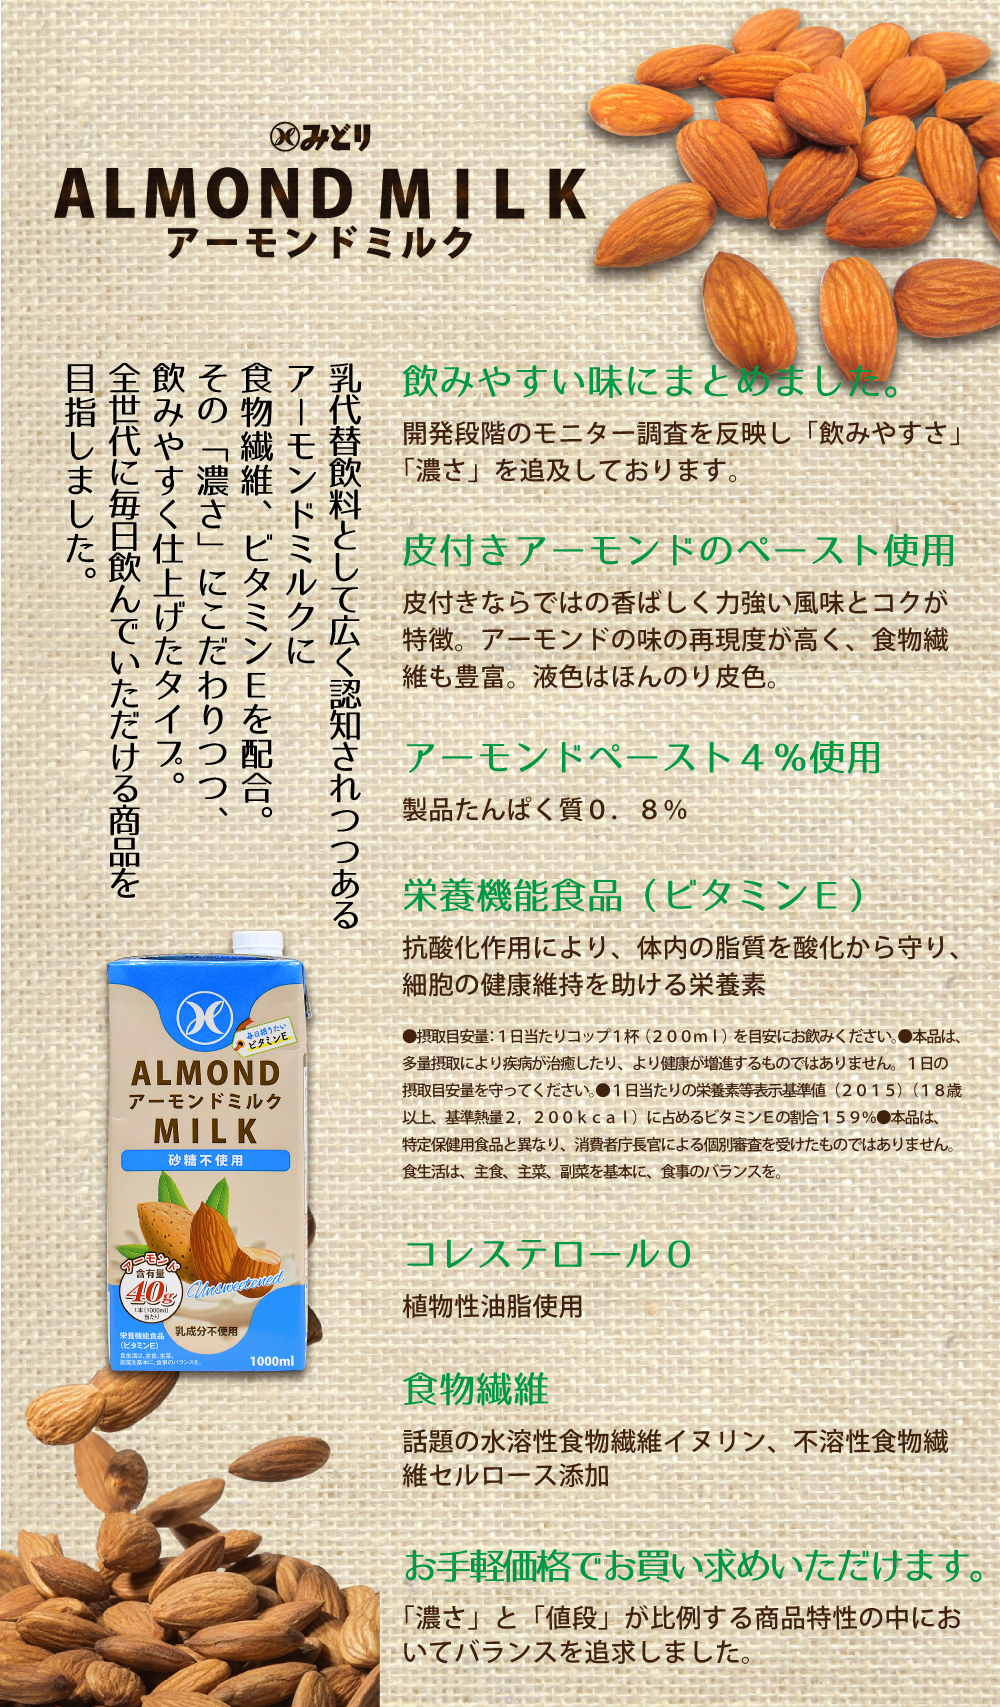 乳代替飲料として広く認知されつつある アーモンドミルクに 食物繊維、ビタミンEを配合。 その「濃さ」にこだわりつつ、 飲みやすく仕上げたタイプ。 全世代に毎日飲んでいただける商品を 目指しました。